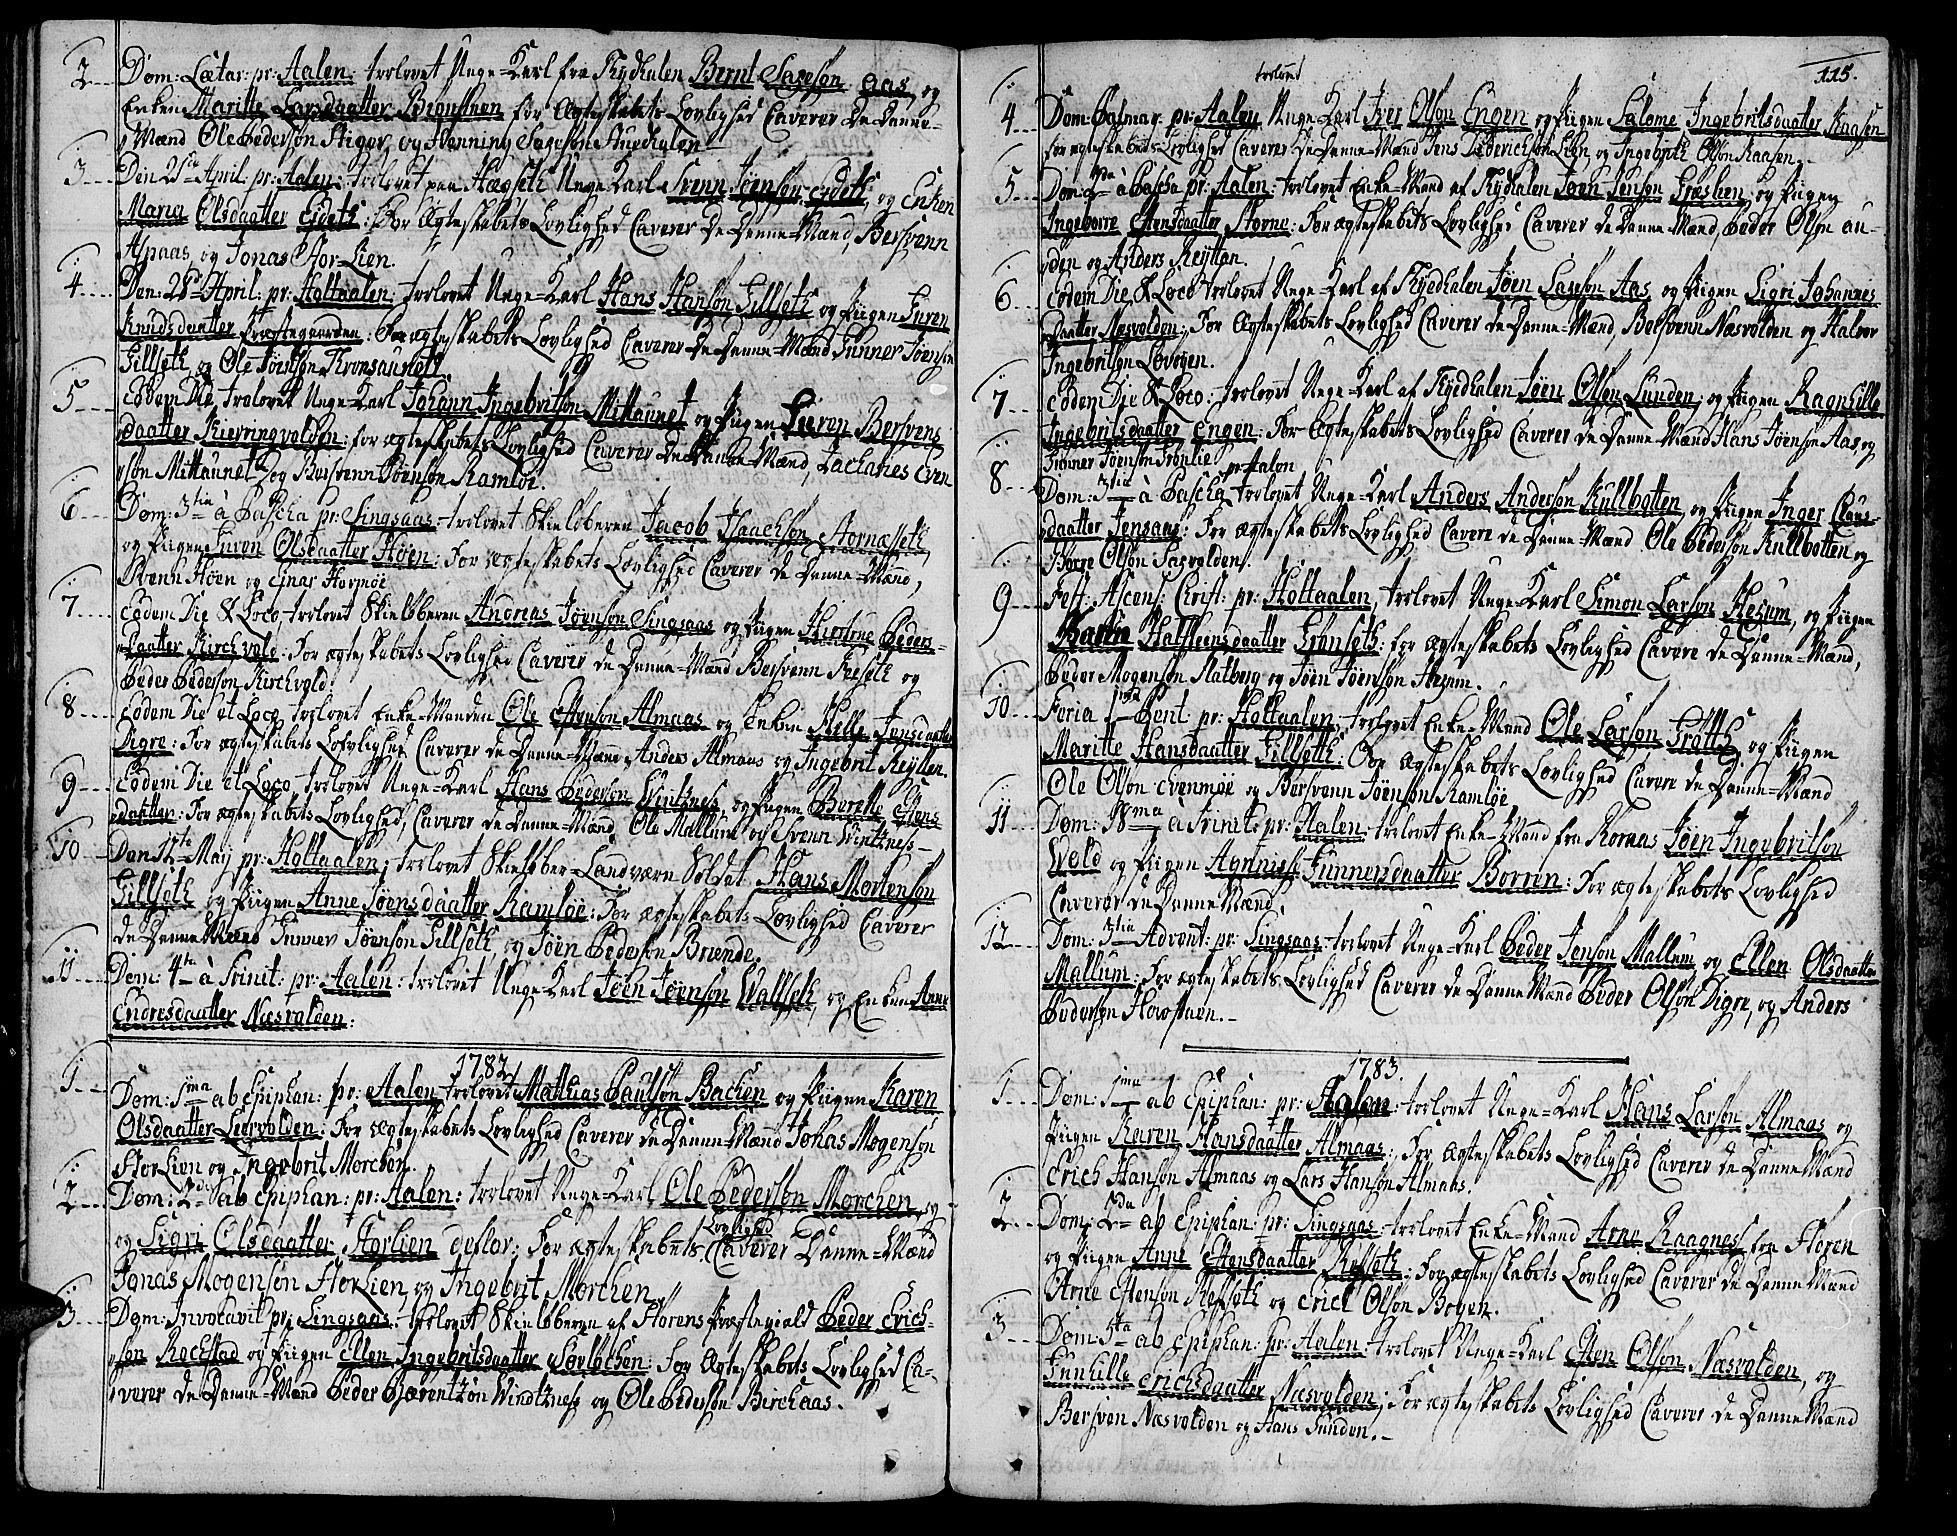 SAT, Ministerialprotokoller, klokkerbøker og fødselsregistre - Sør-Trøndelag, 685/L0952: Ministerialbok nr. 685A01, 1745-1804, s. 115